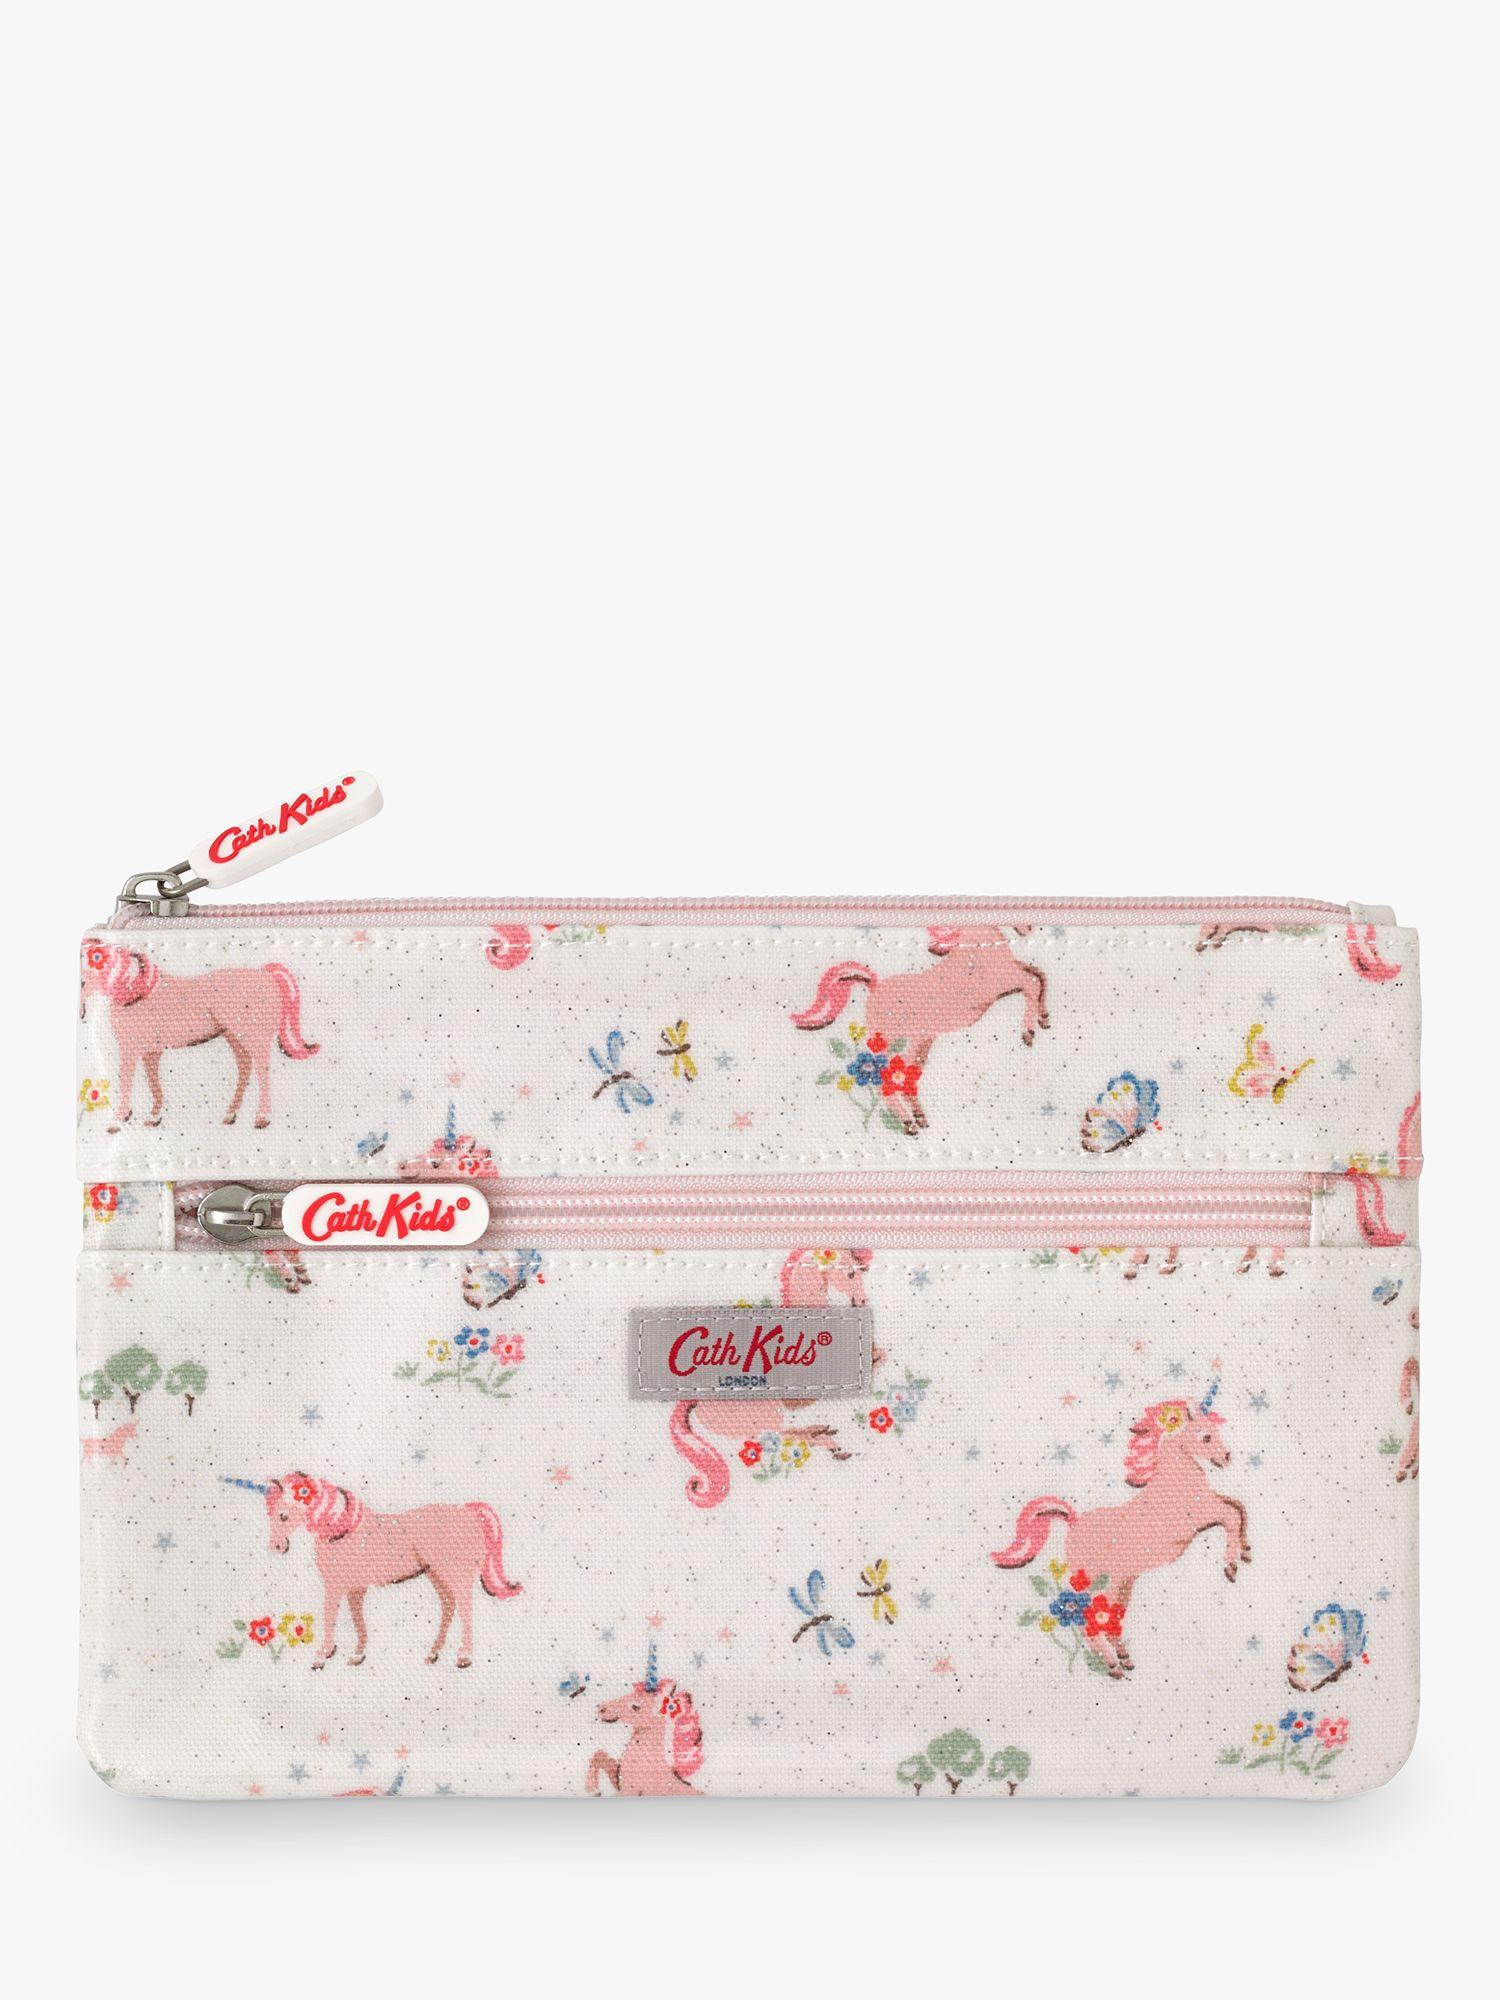 Cath Kidston Cath Kidston Unicorn Meadow Pencil Case